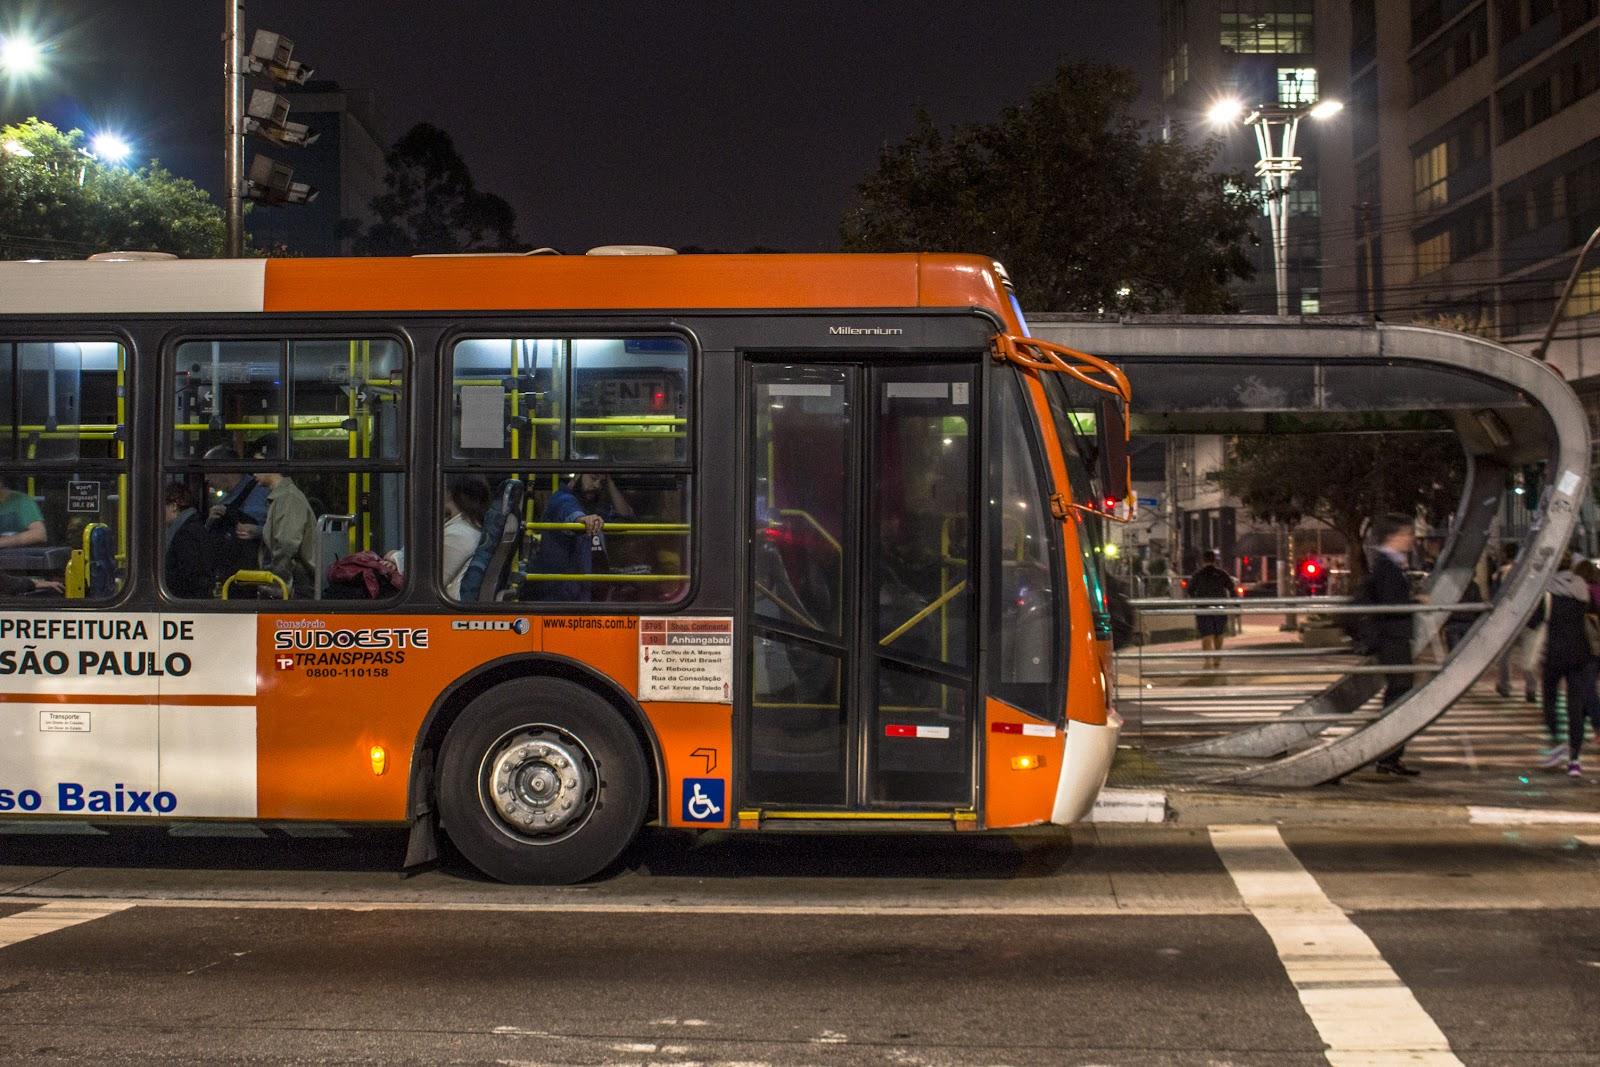 Ônibus da Prefeitura de São Paulo circulando